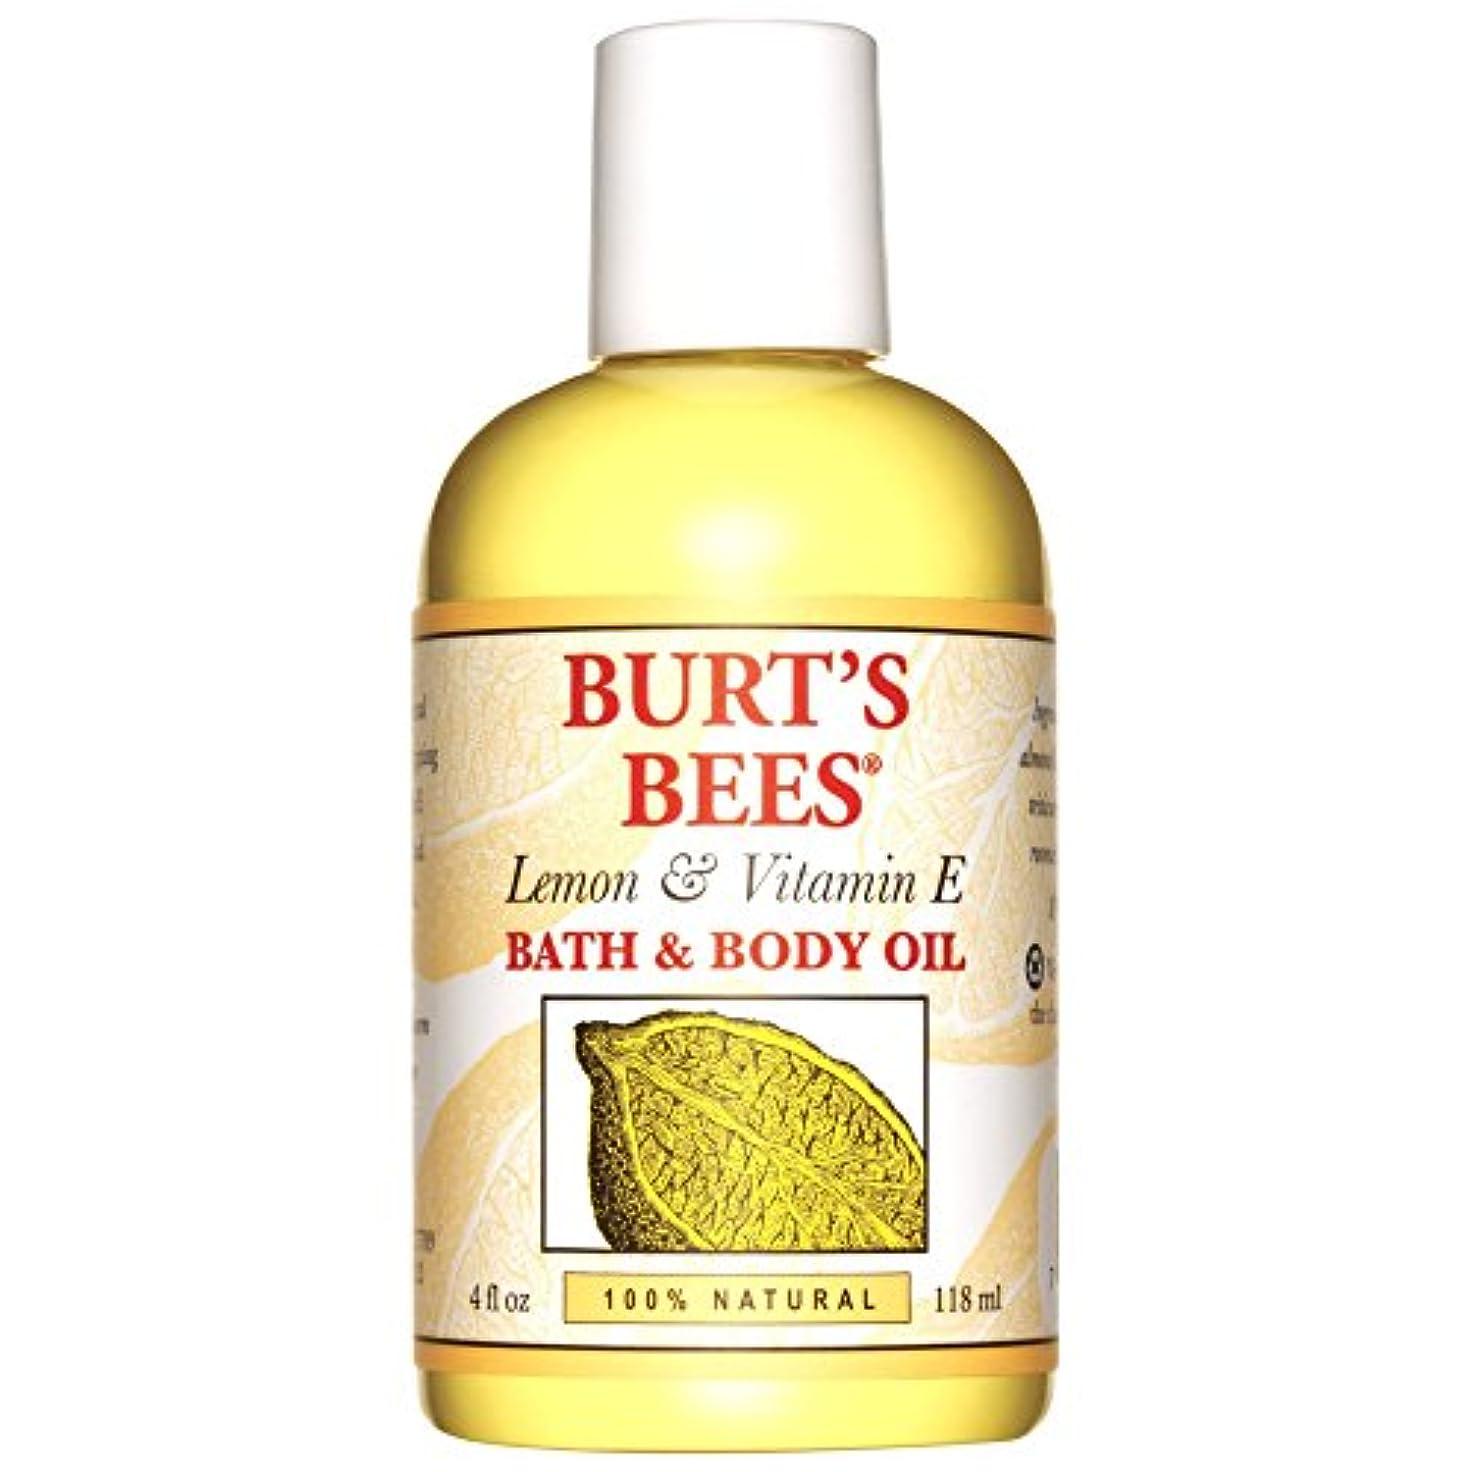 項目同化するテレックスバーツビーレモンとビタミンEバス、ボディオイル118ミリリットル (Burt's Bees) - Burt's Bees Lemon and Vitamin E Bath and Body Oil 118ml [並行輸入品]